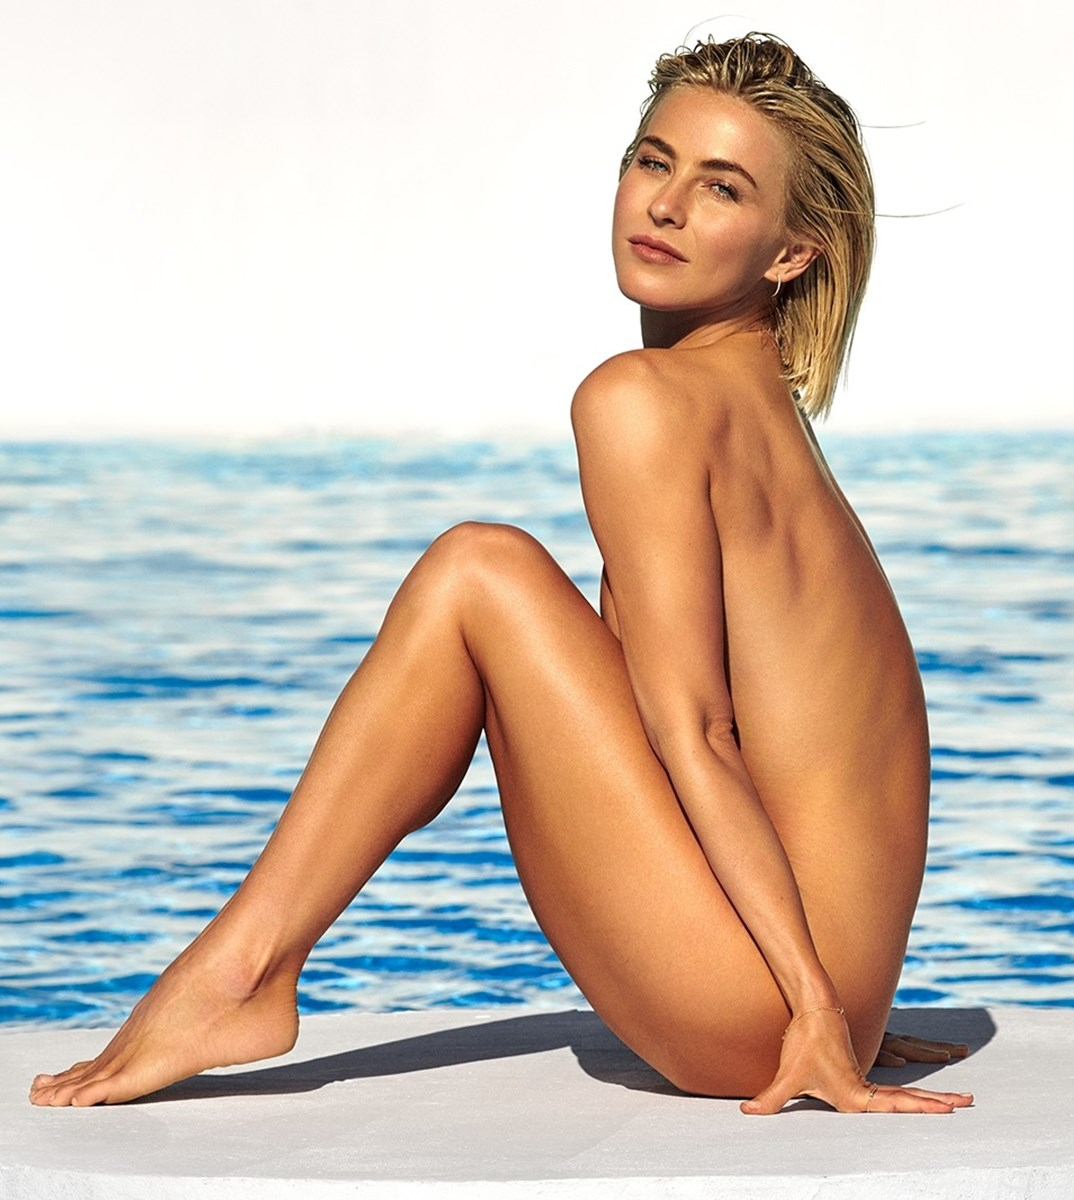 Julianne Hough Full Nude Frontal